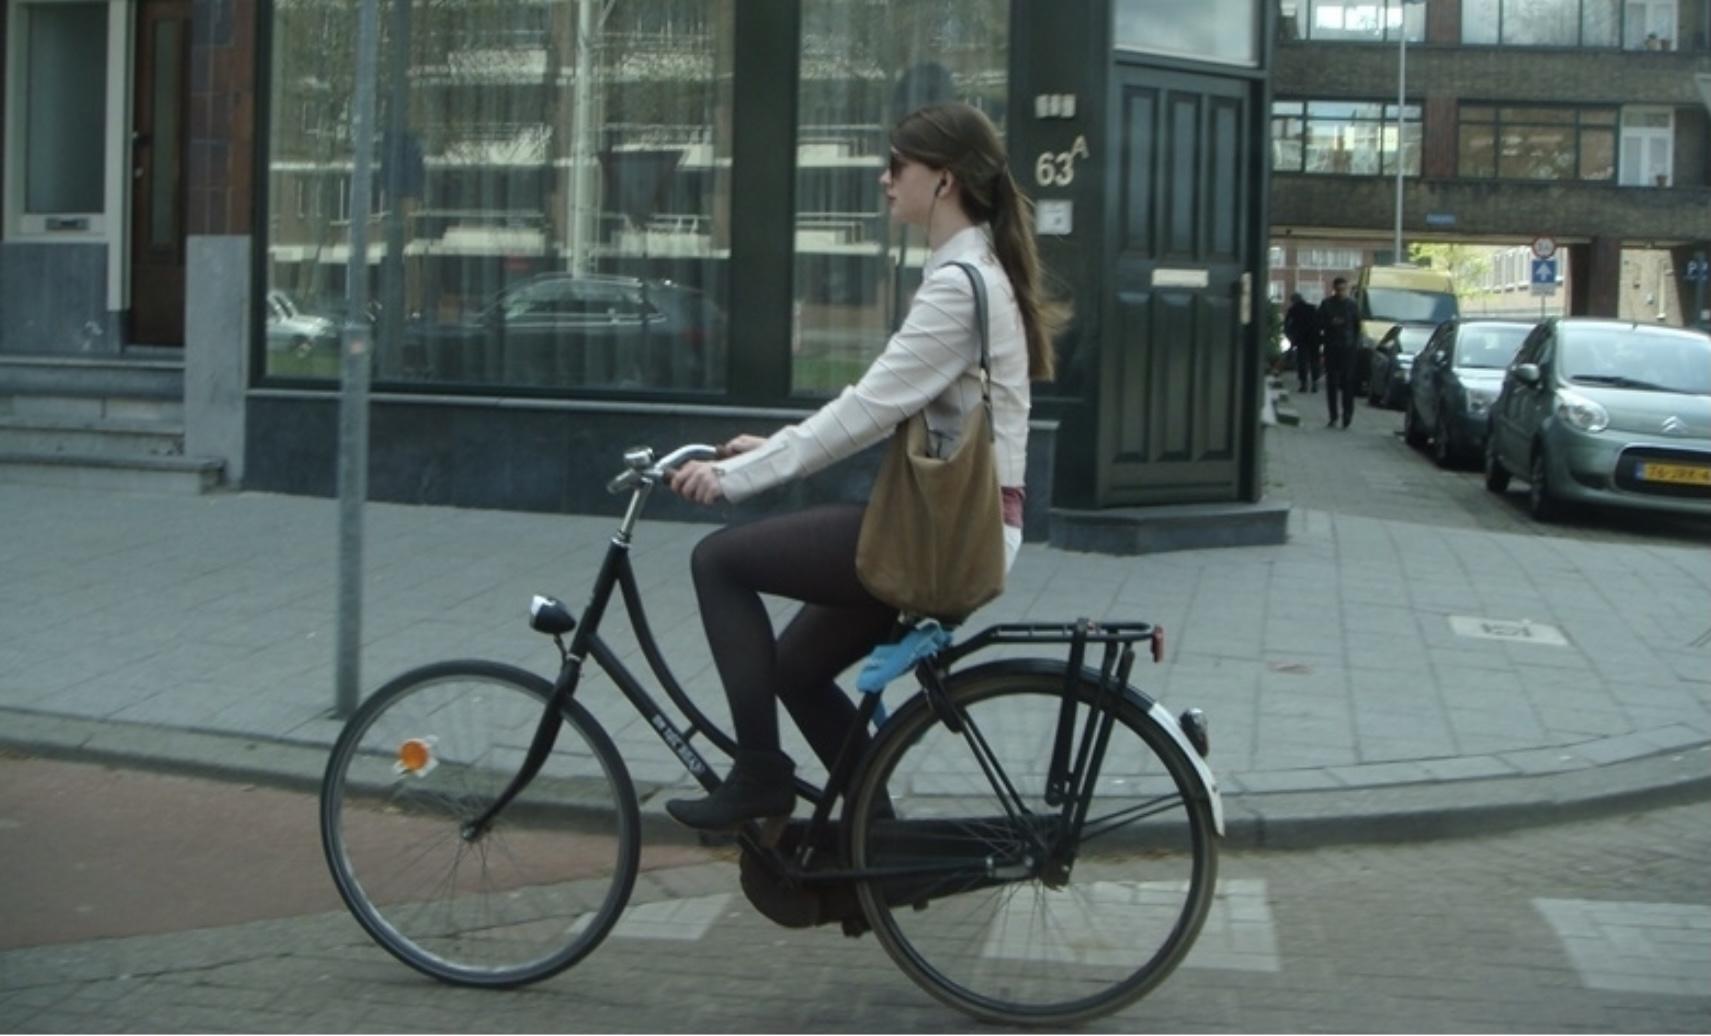 Jak lze nahradit běžecký trénink cyklistickým, hned čtyři tipy